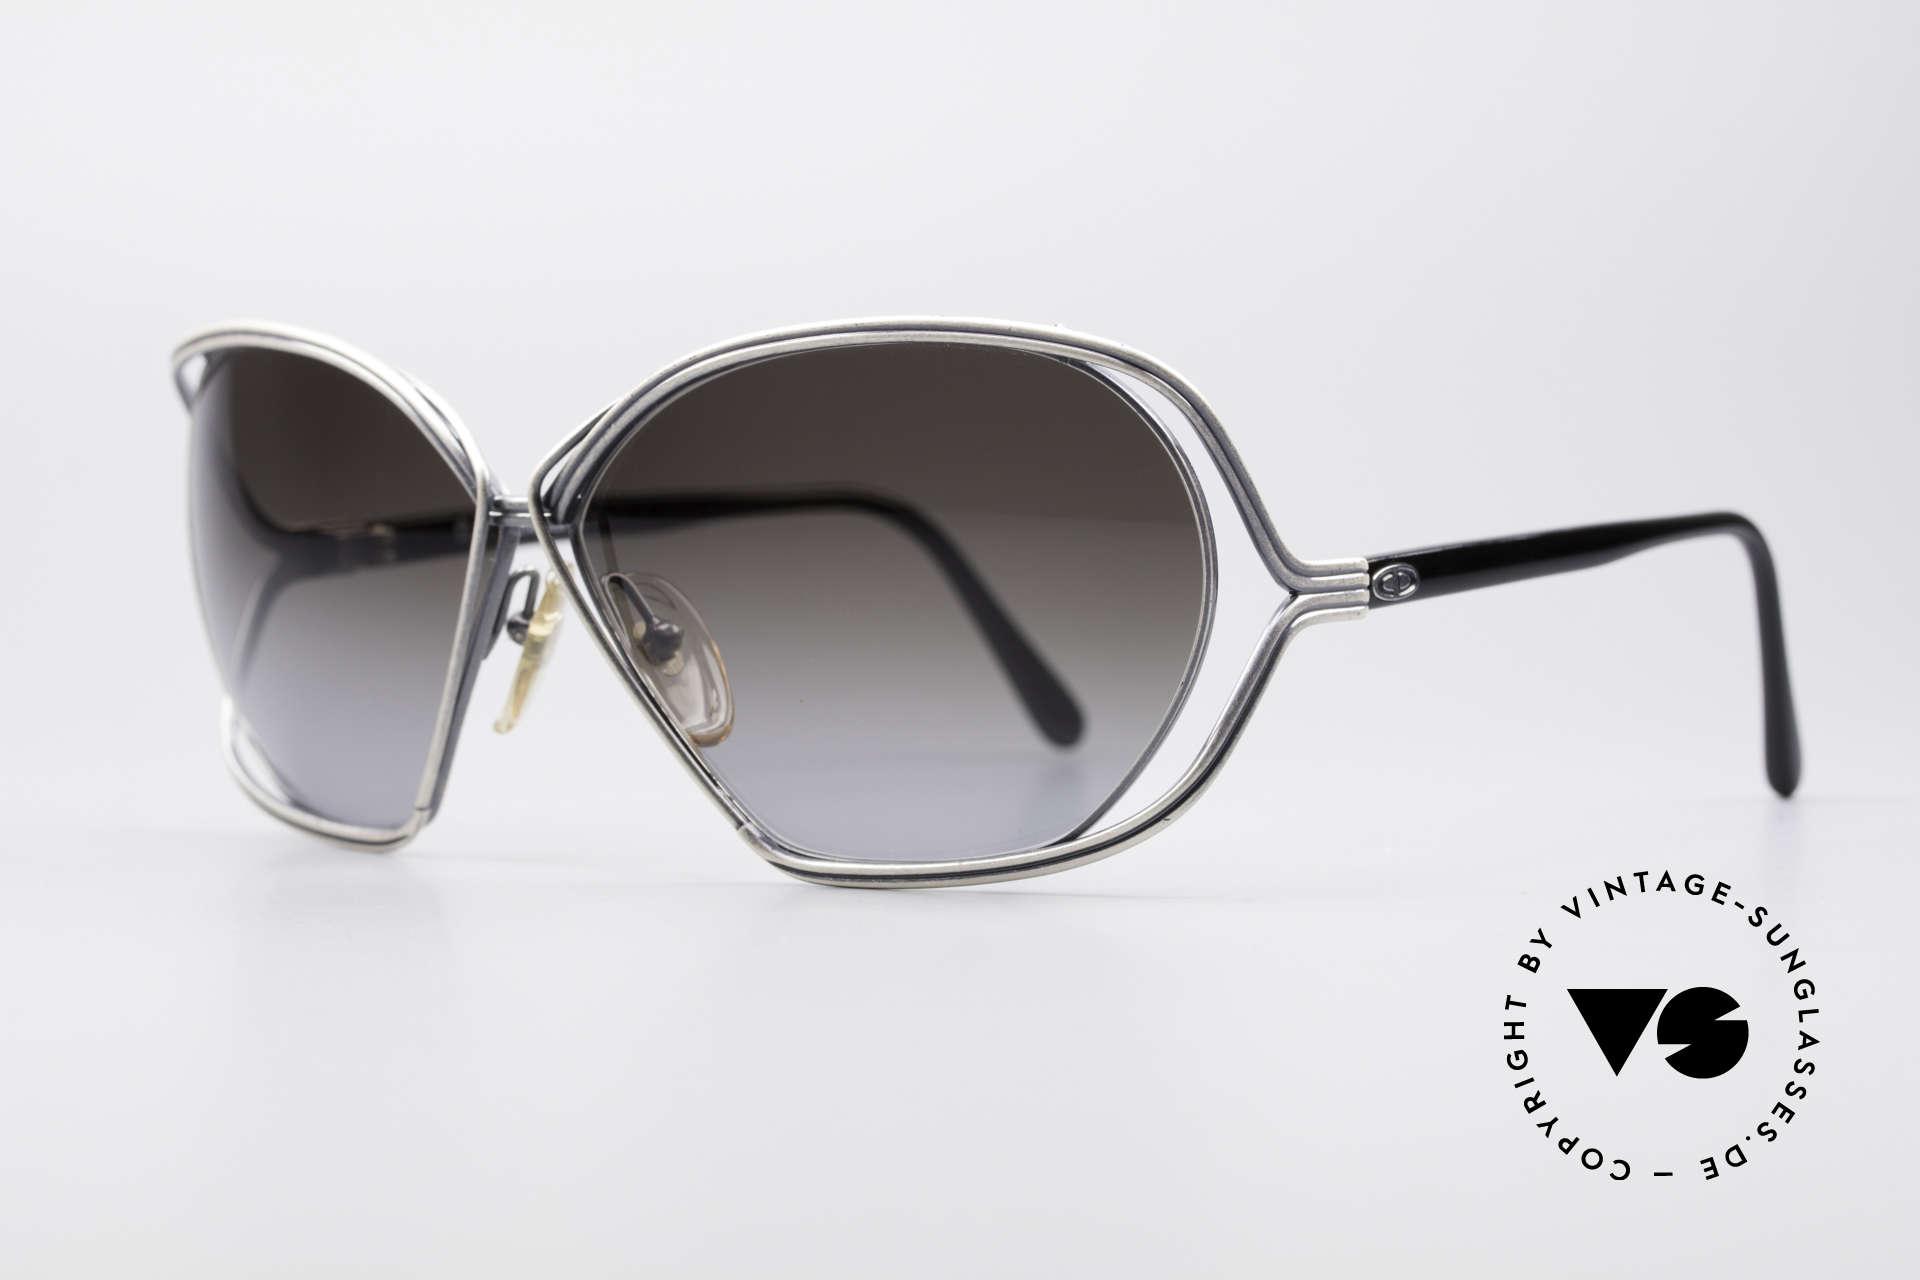 Christian Dior 2499 Damen Sonnenbrille 80er, schwungvoll, künstlerische Rahmengestaltung, top!, Passend für Damen